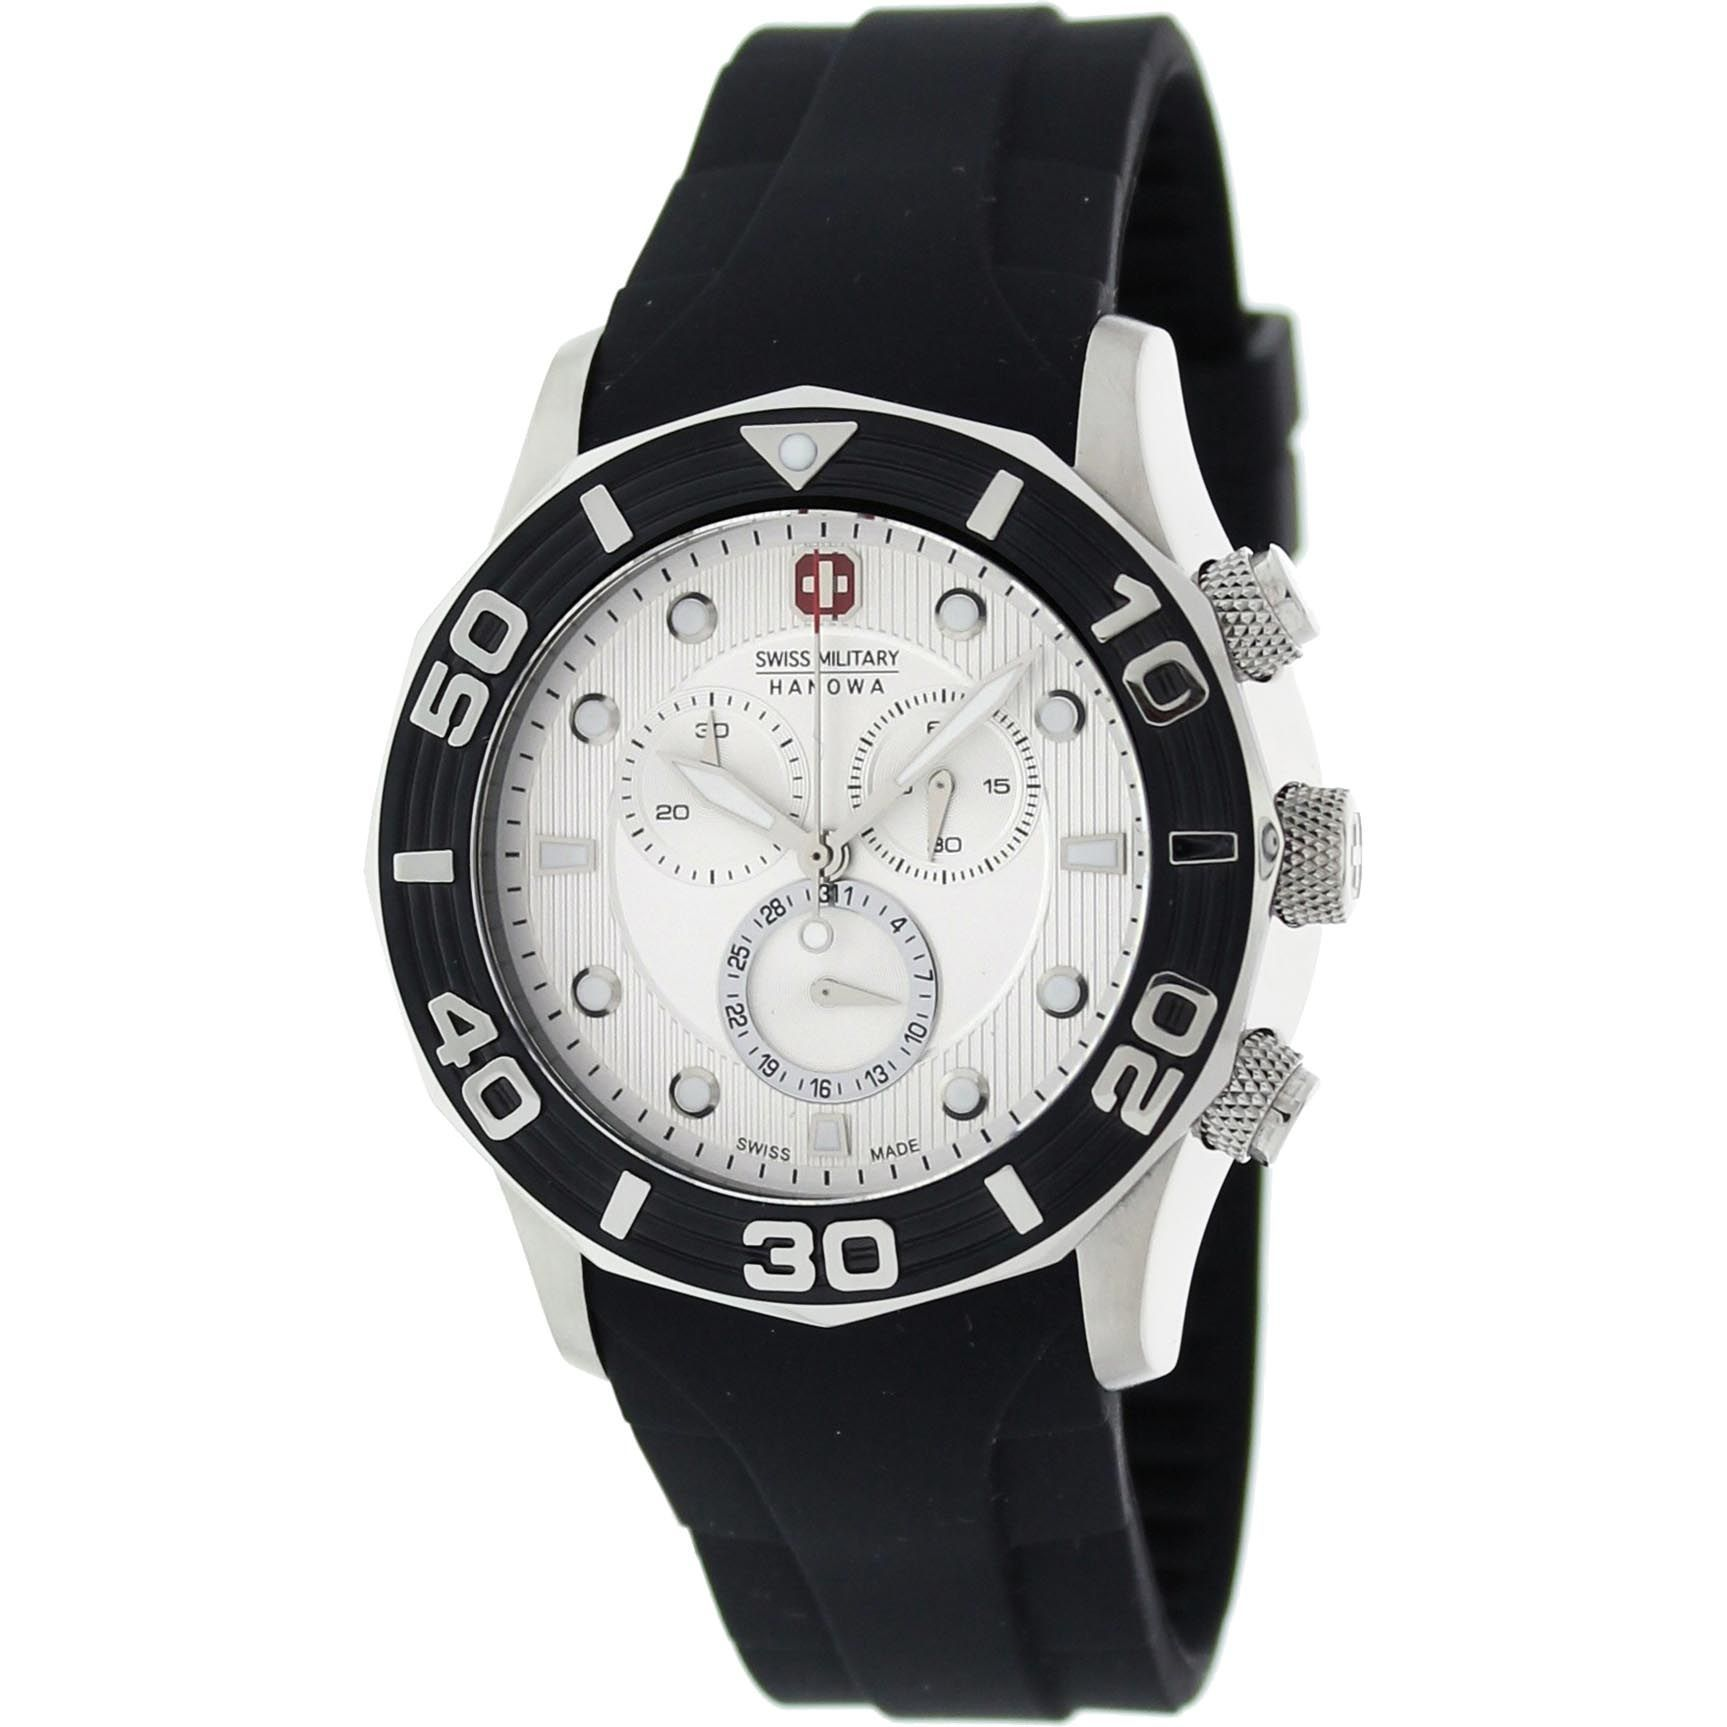 Swiss Military Hanowa Men's Oceanic Swiss Chronograph Watch